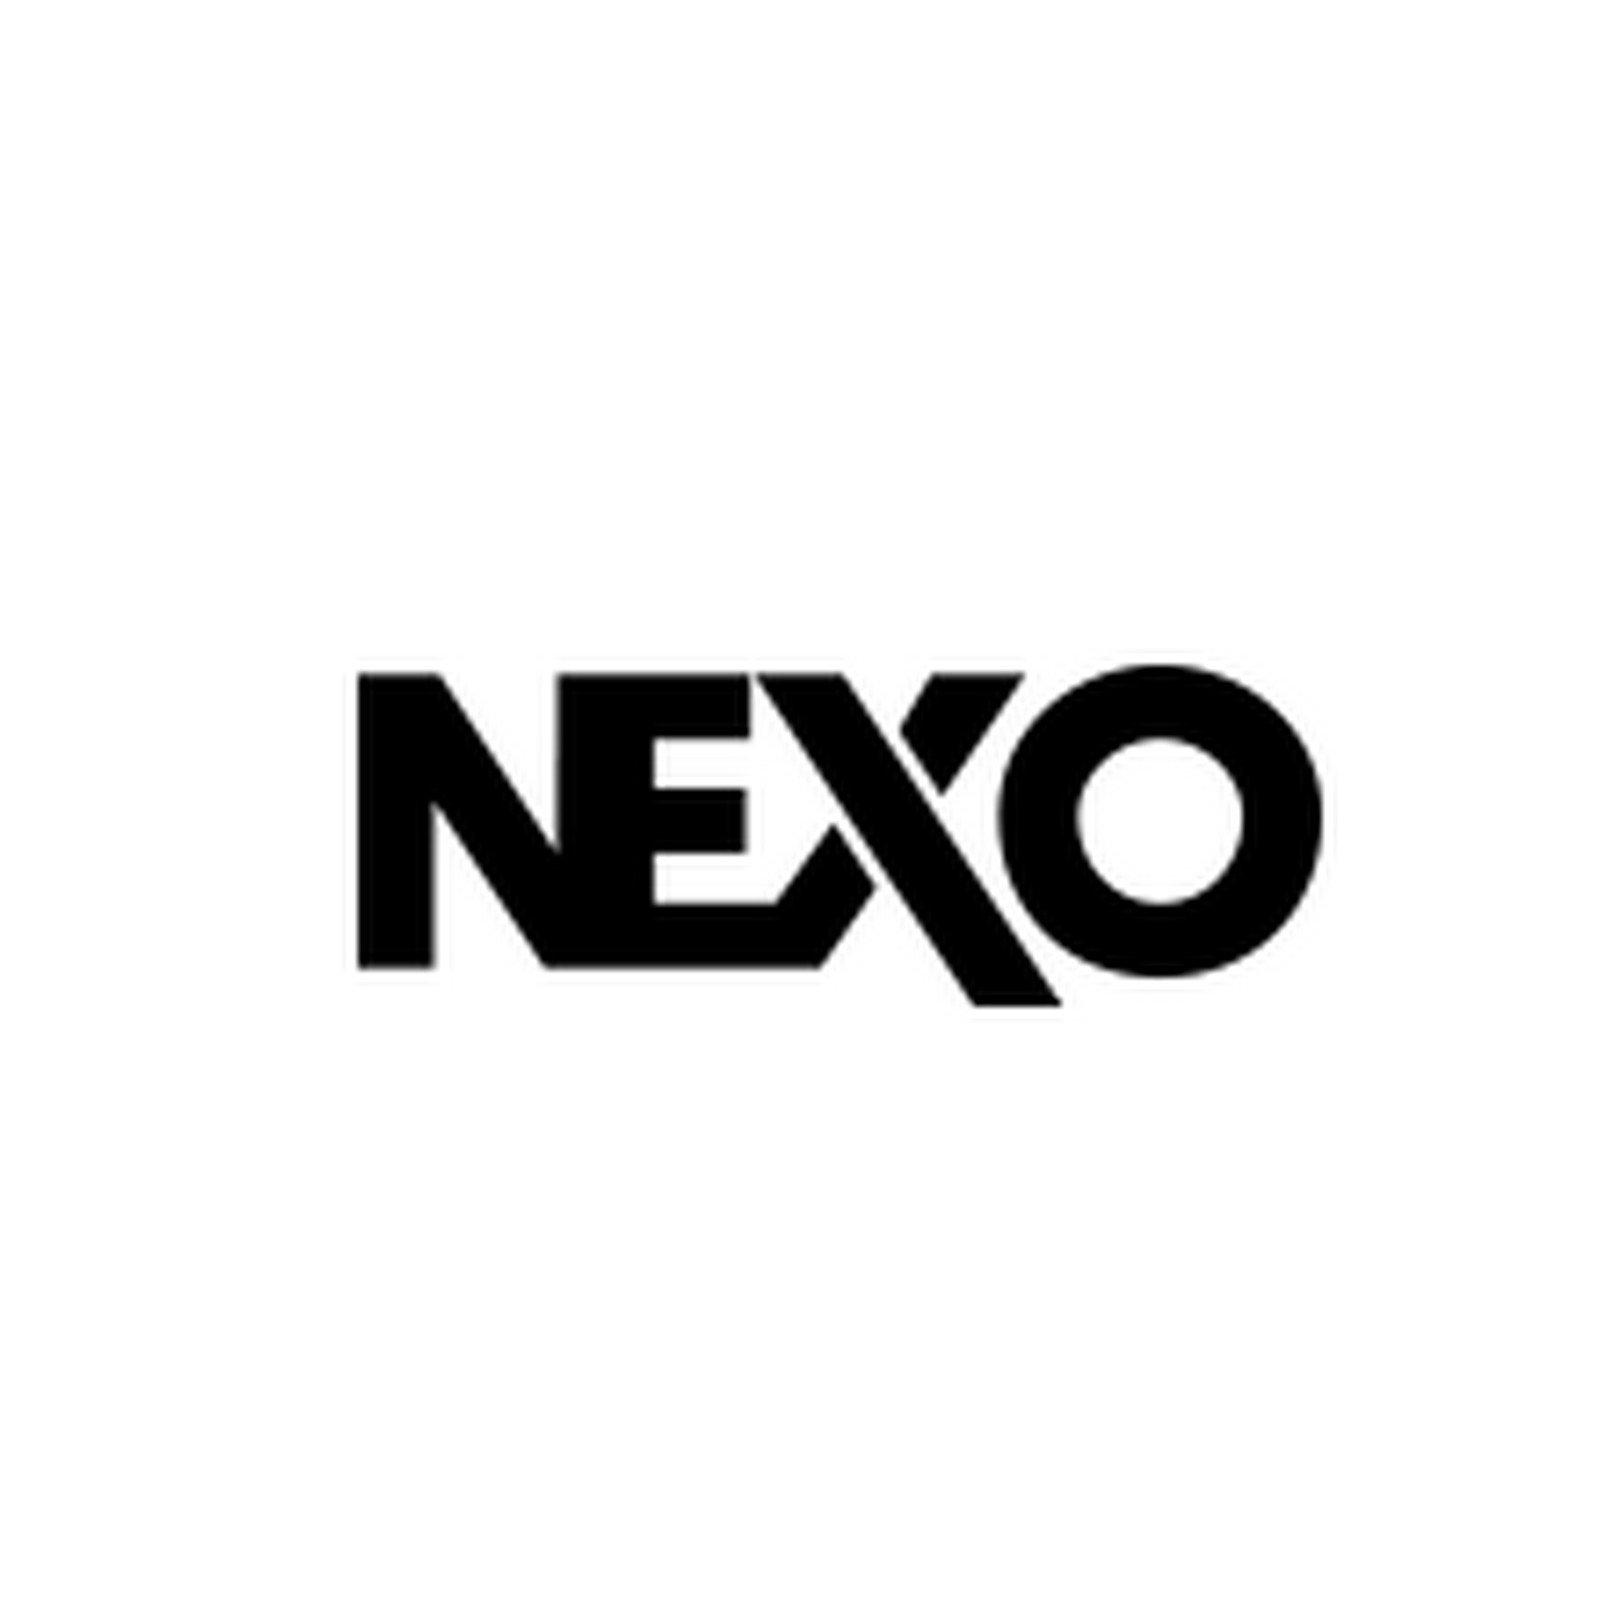 Nexo VXT-BLTRAP | T-RAP Lanyard for VXT-BL1020 by Nexo (Image #1)